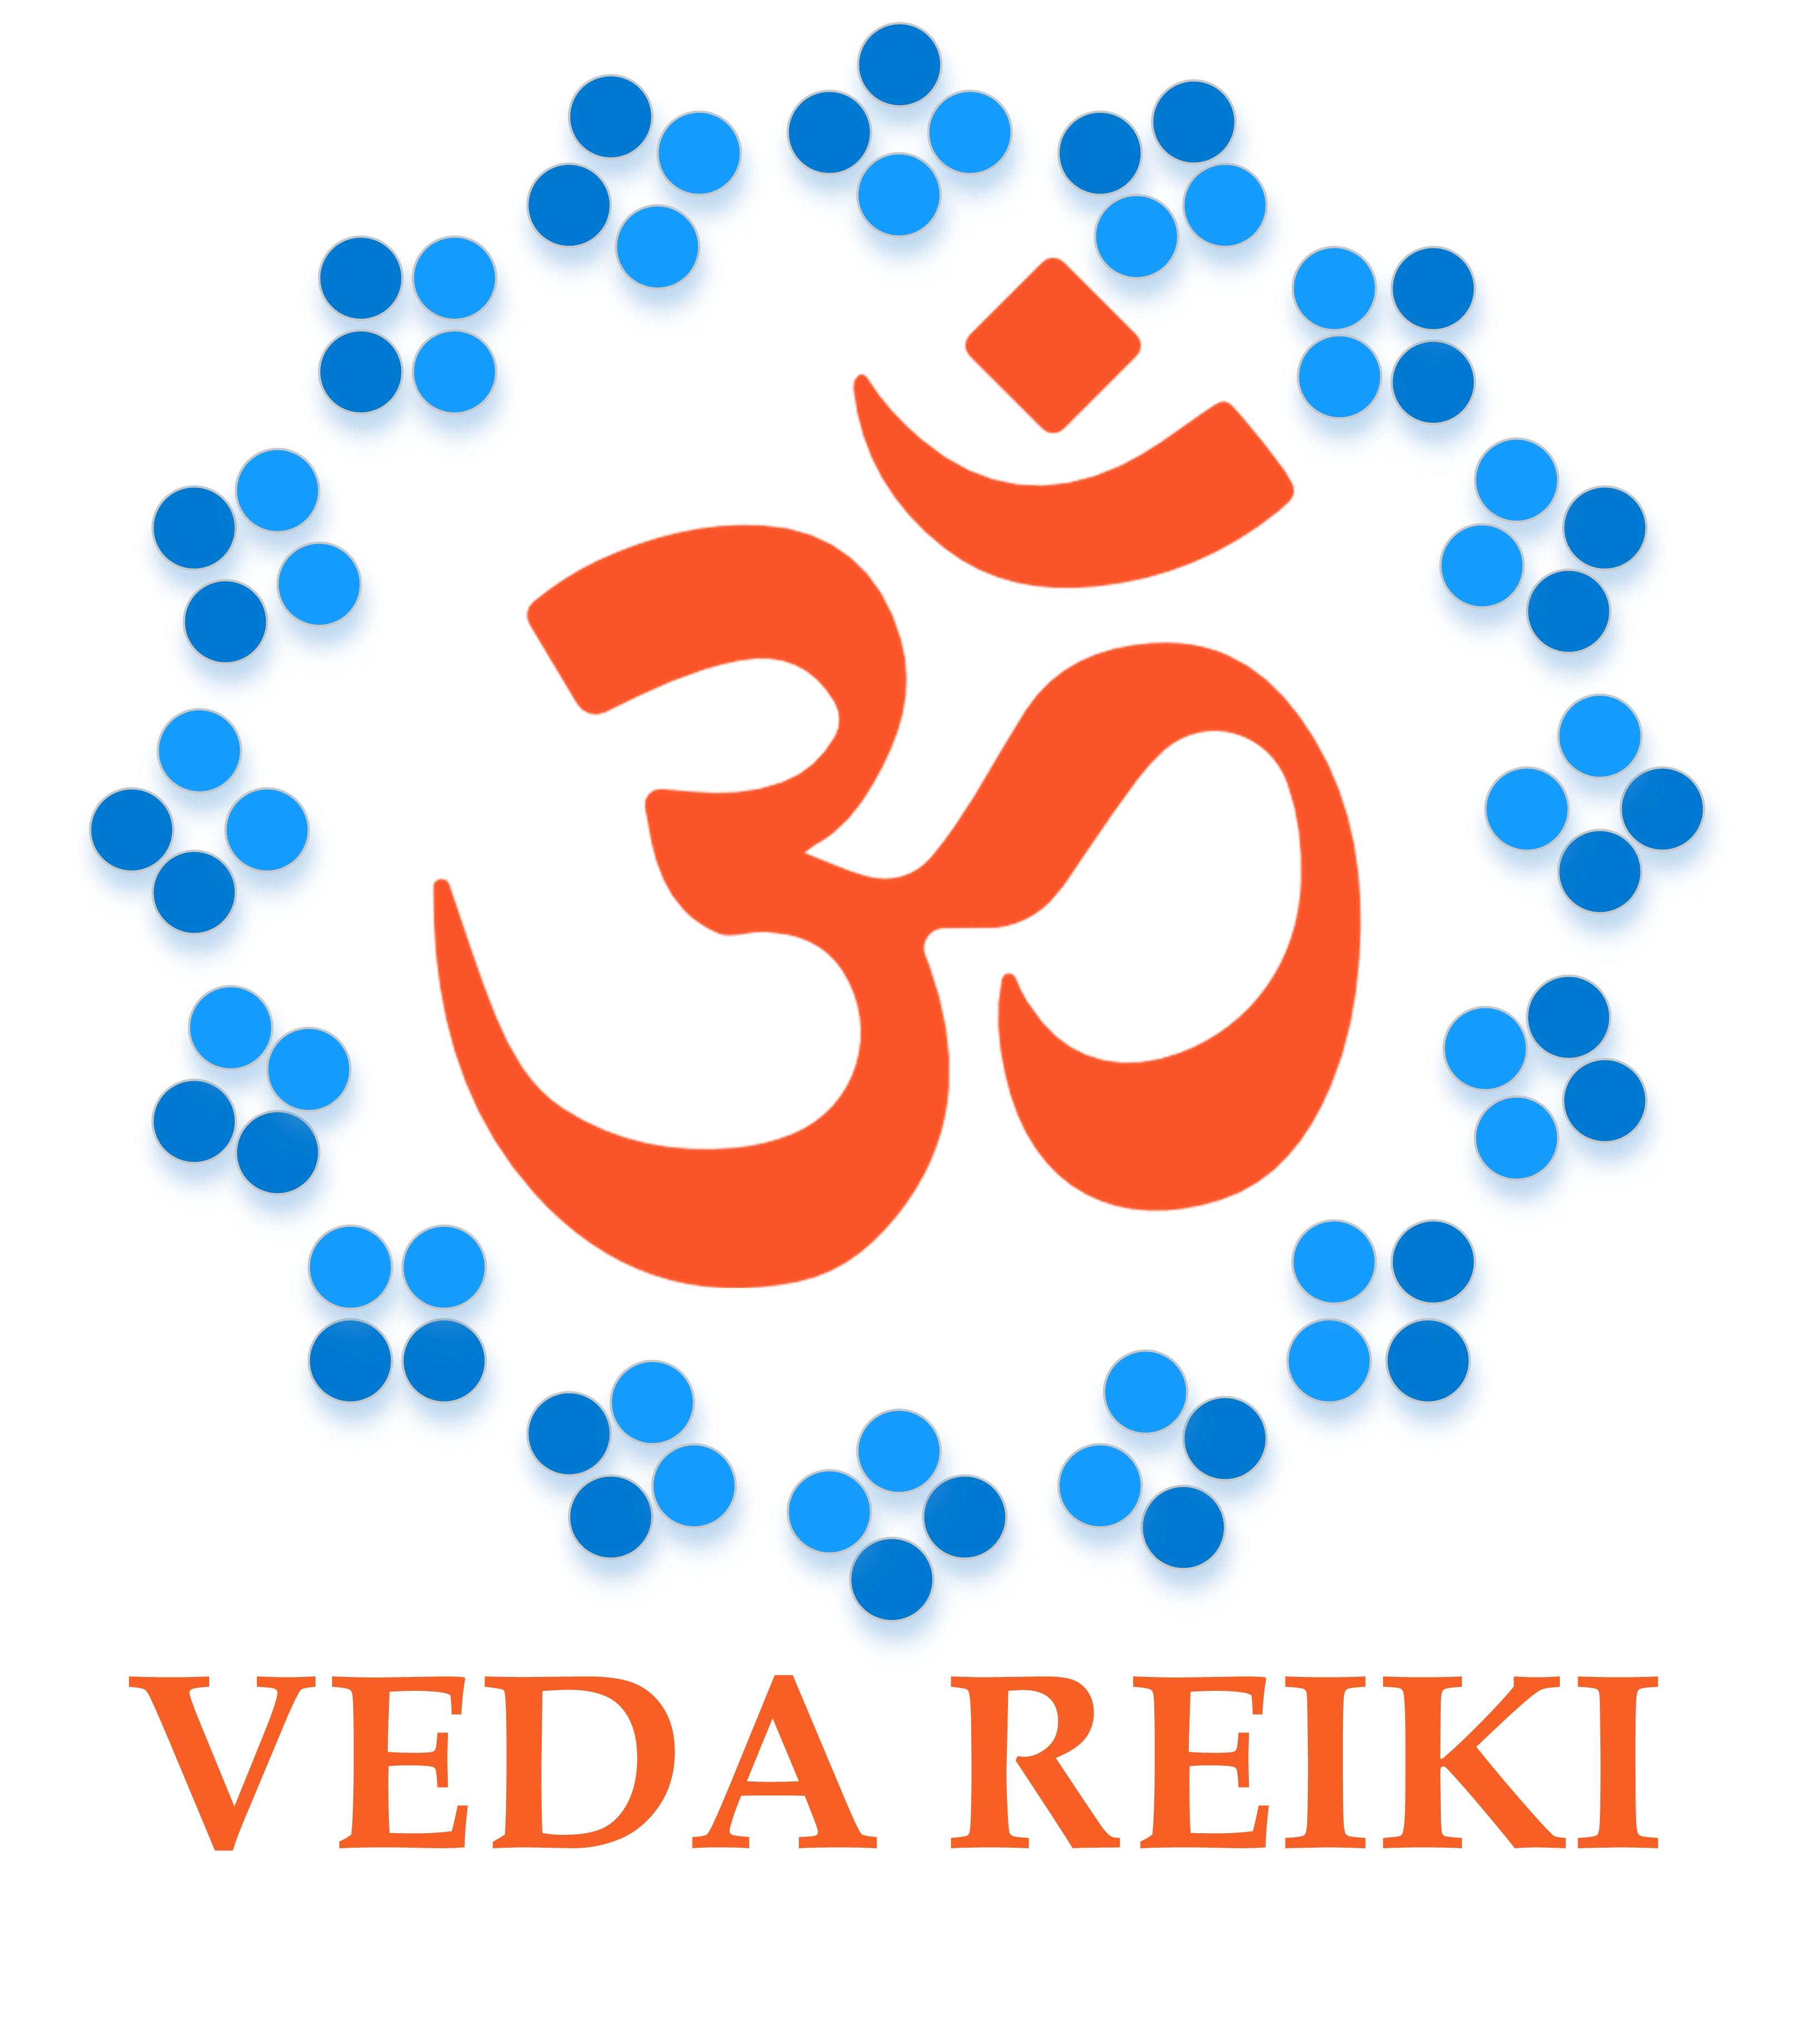 Veda Reiki Healing.